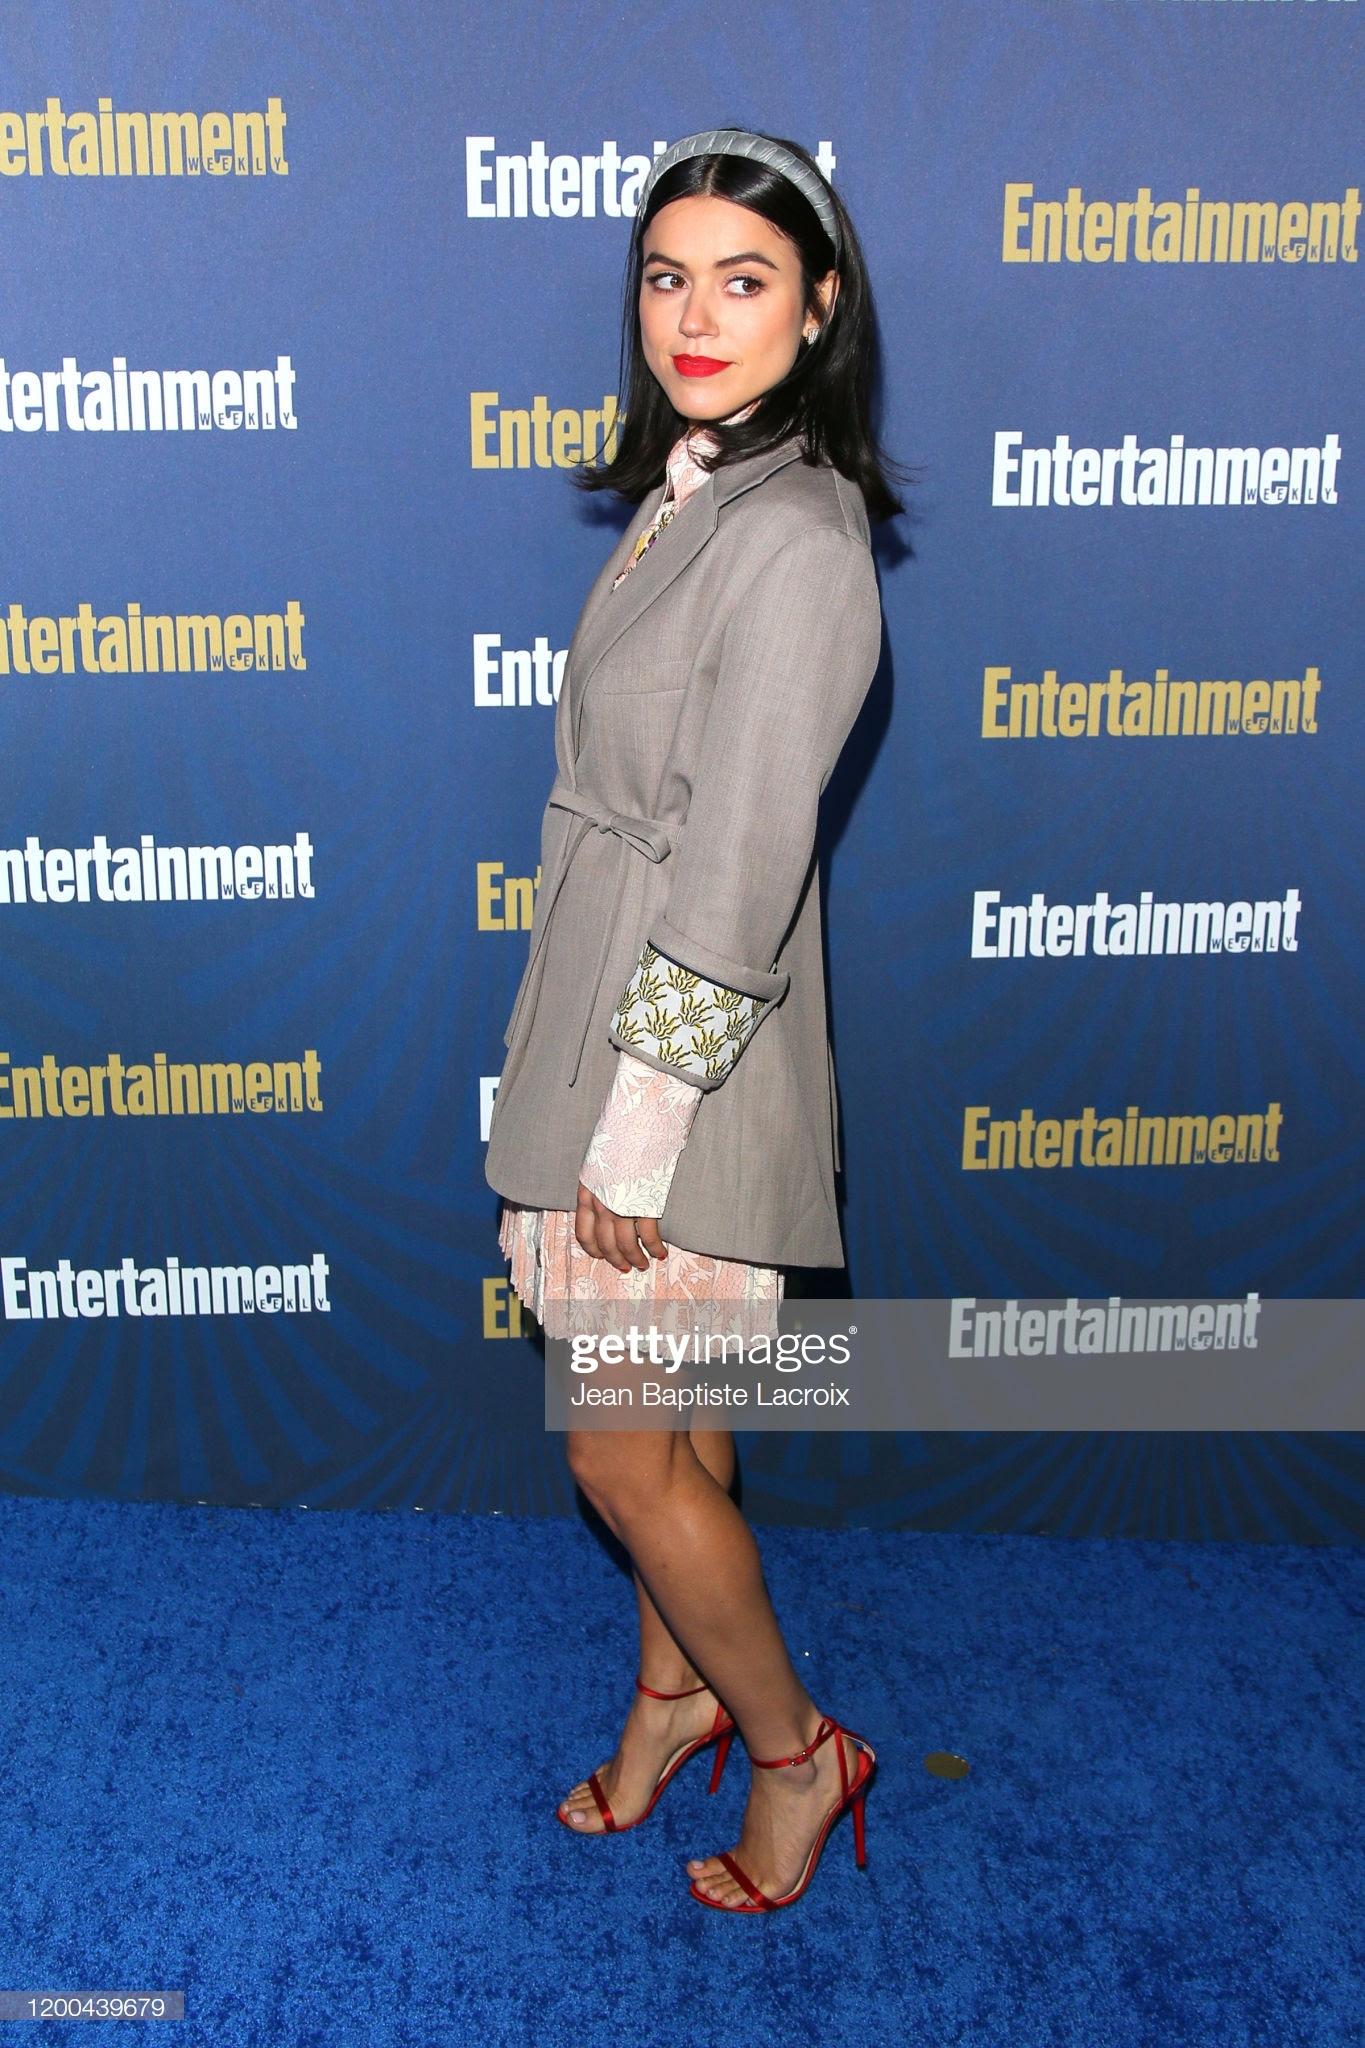 """bae9f371 6ca2 4a68 b754 c16774bc4c51 - Screen Actors Guild Awards"""" 2020: Scarlett Johansson y Leonardo Dicaprio entre las celebrities que lucieron Jimmy Choo"""